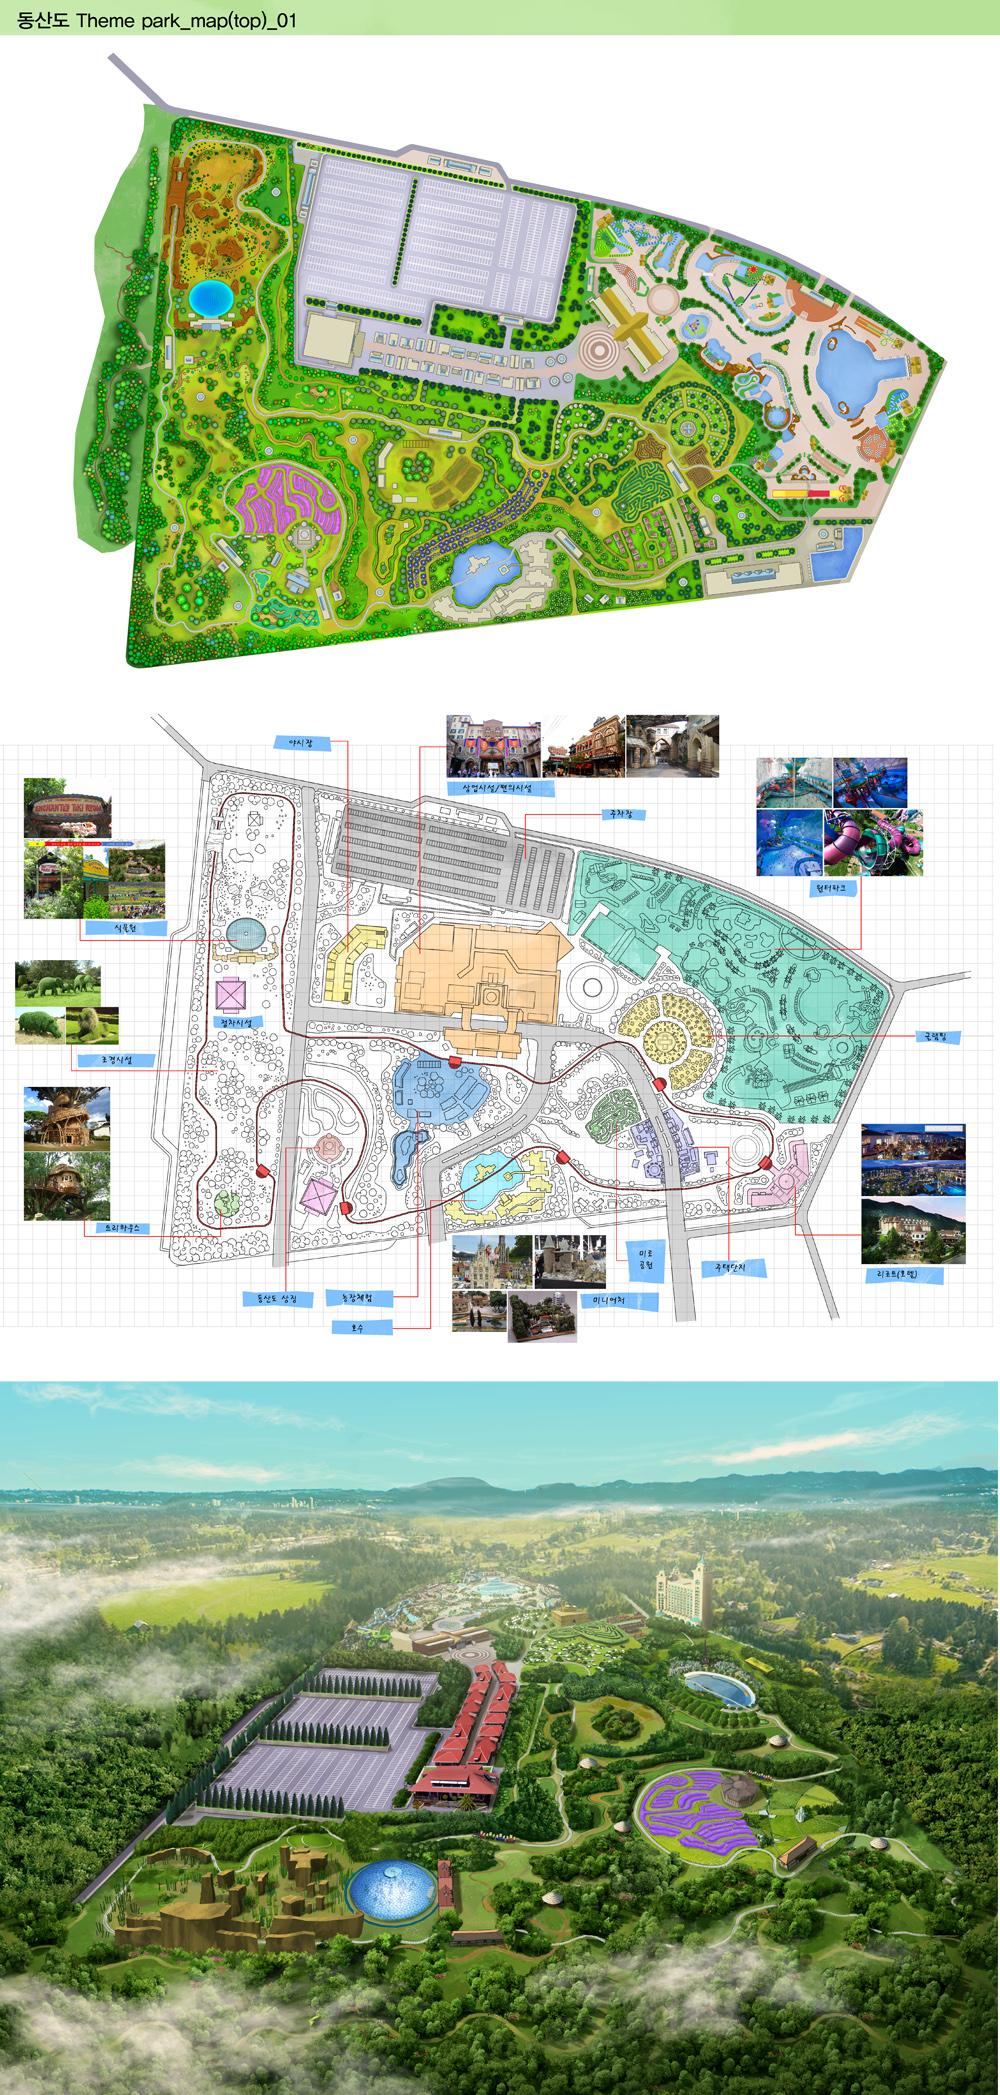 동산도 Theme park_map